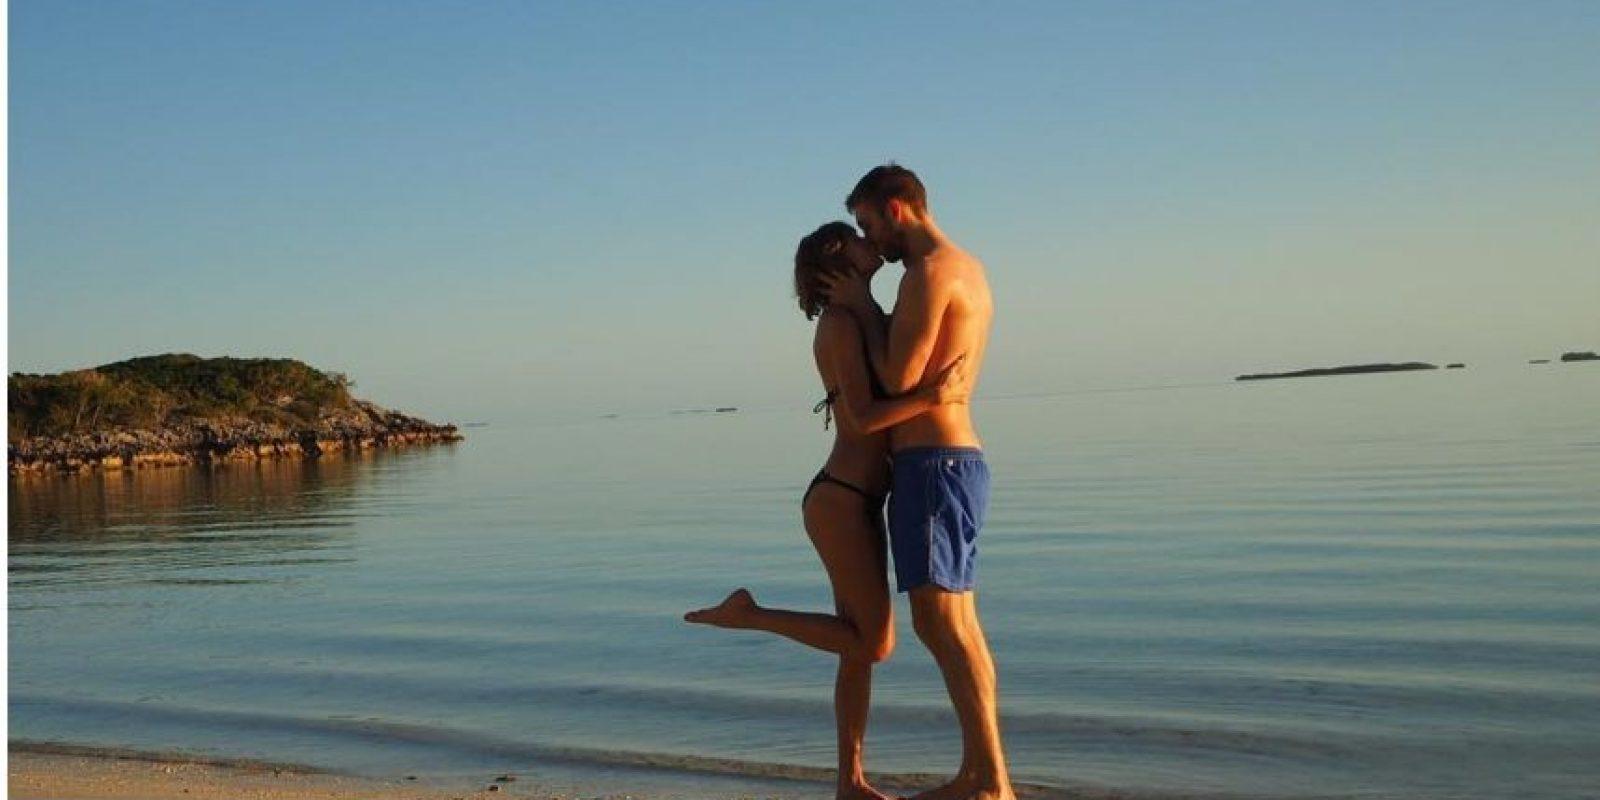 Ya no se repetirá una imagen tan romántica de Taylor Swift y Calvin Harris. Foto:Fuente Externa